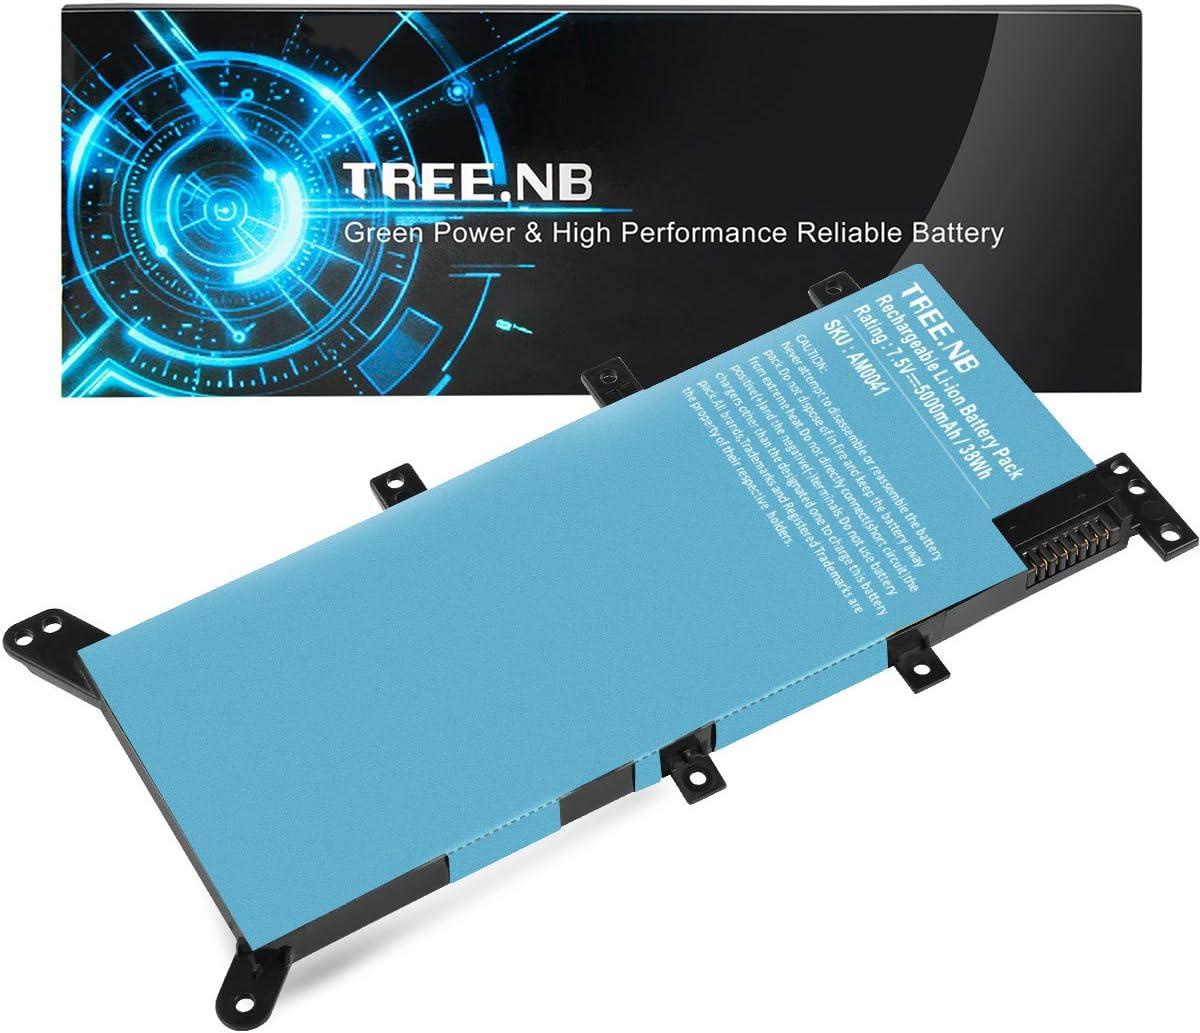 C21N1347 New Laptop Battery for Asus X555 X555LA X555LD X555LN A555L K555L Y583LD W519LD K555LD K555LA R556L VM590L Series 2ICP4/63/134-24 Months Warranty